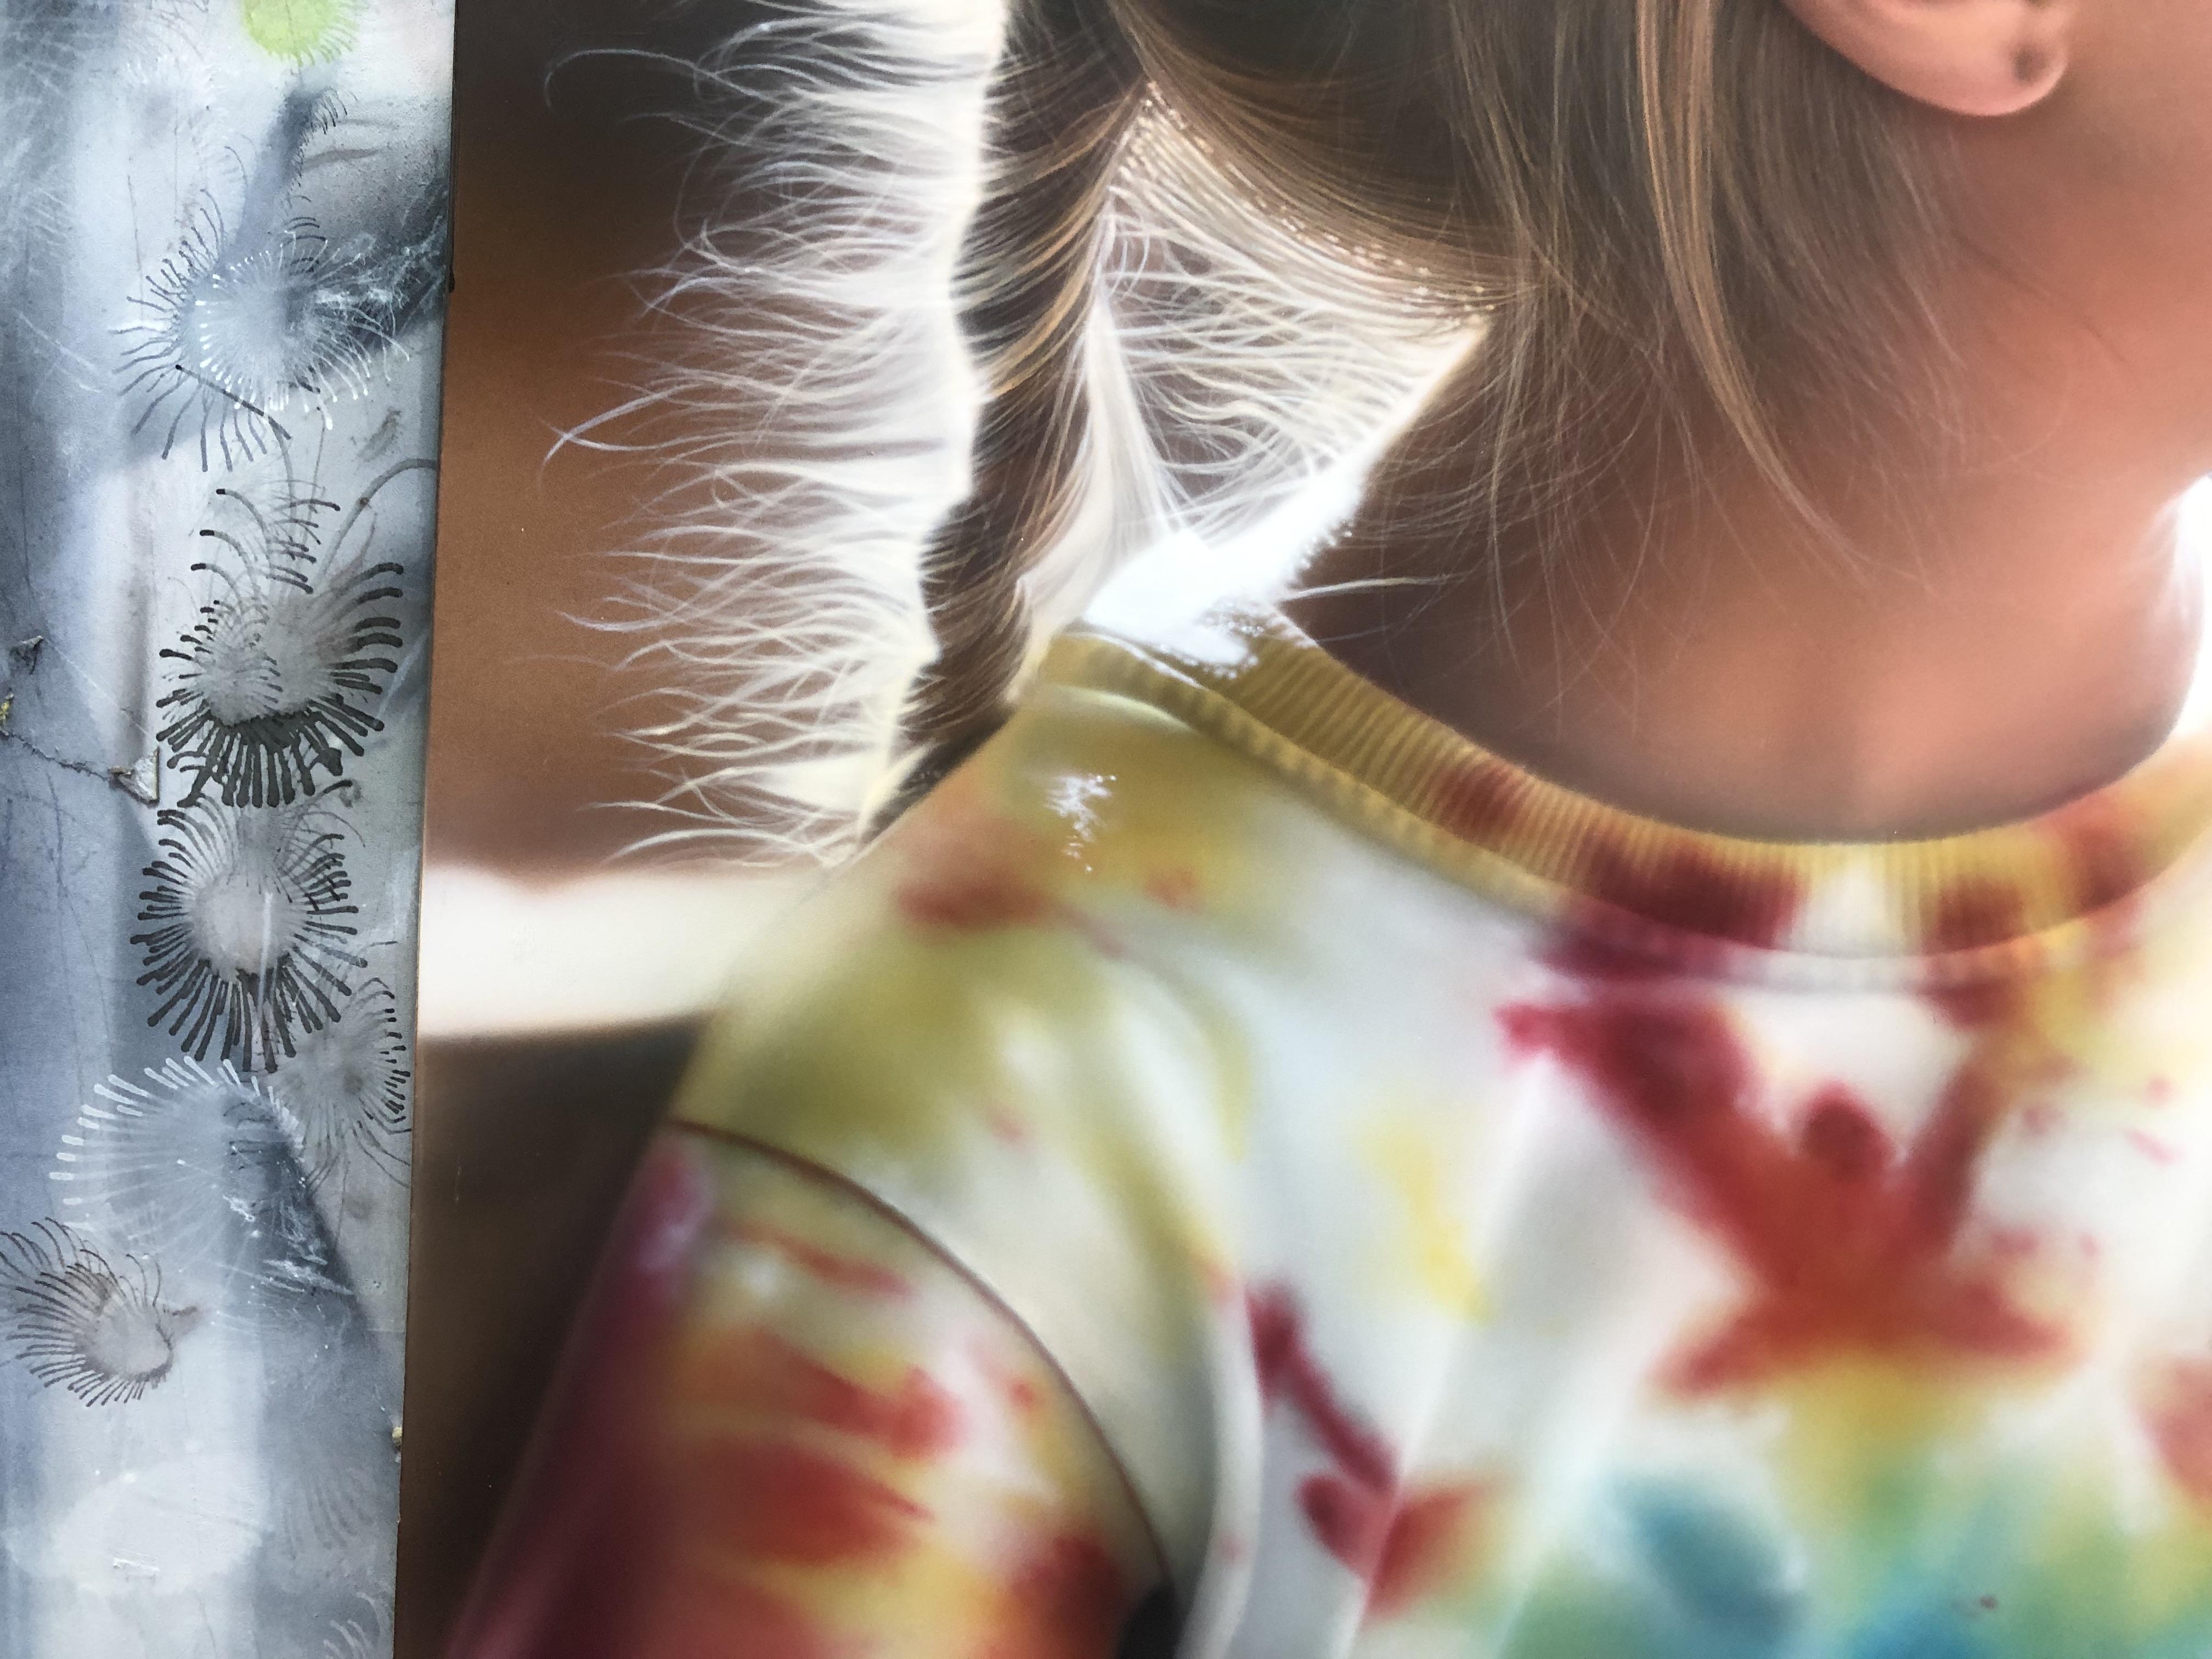 エアブラシアート人物画編服の描き方